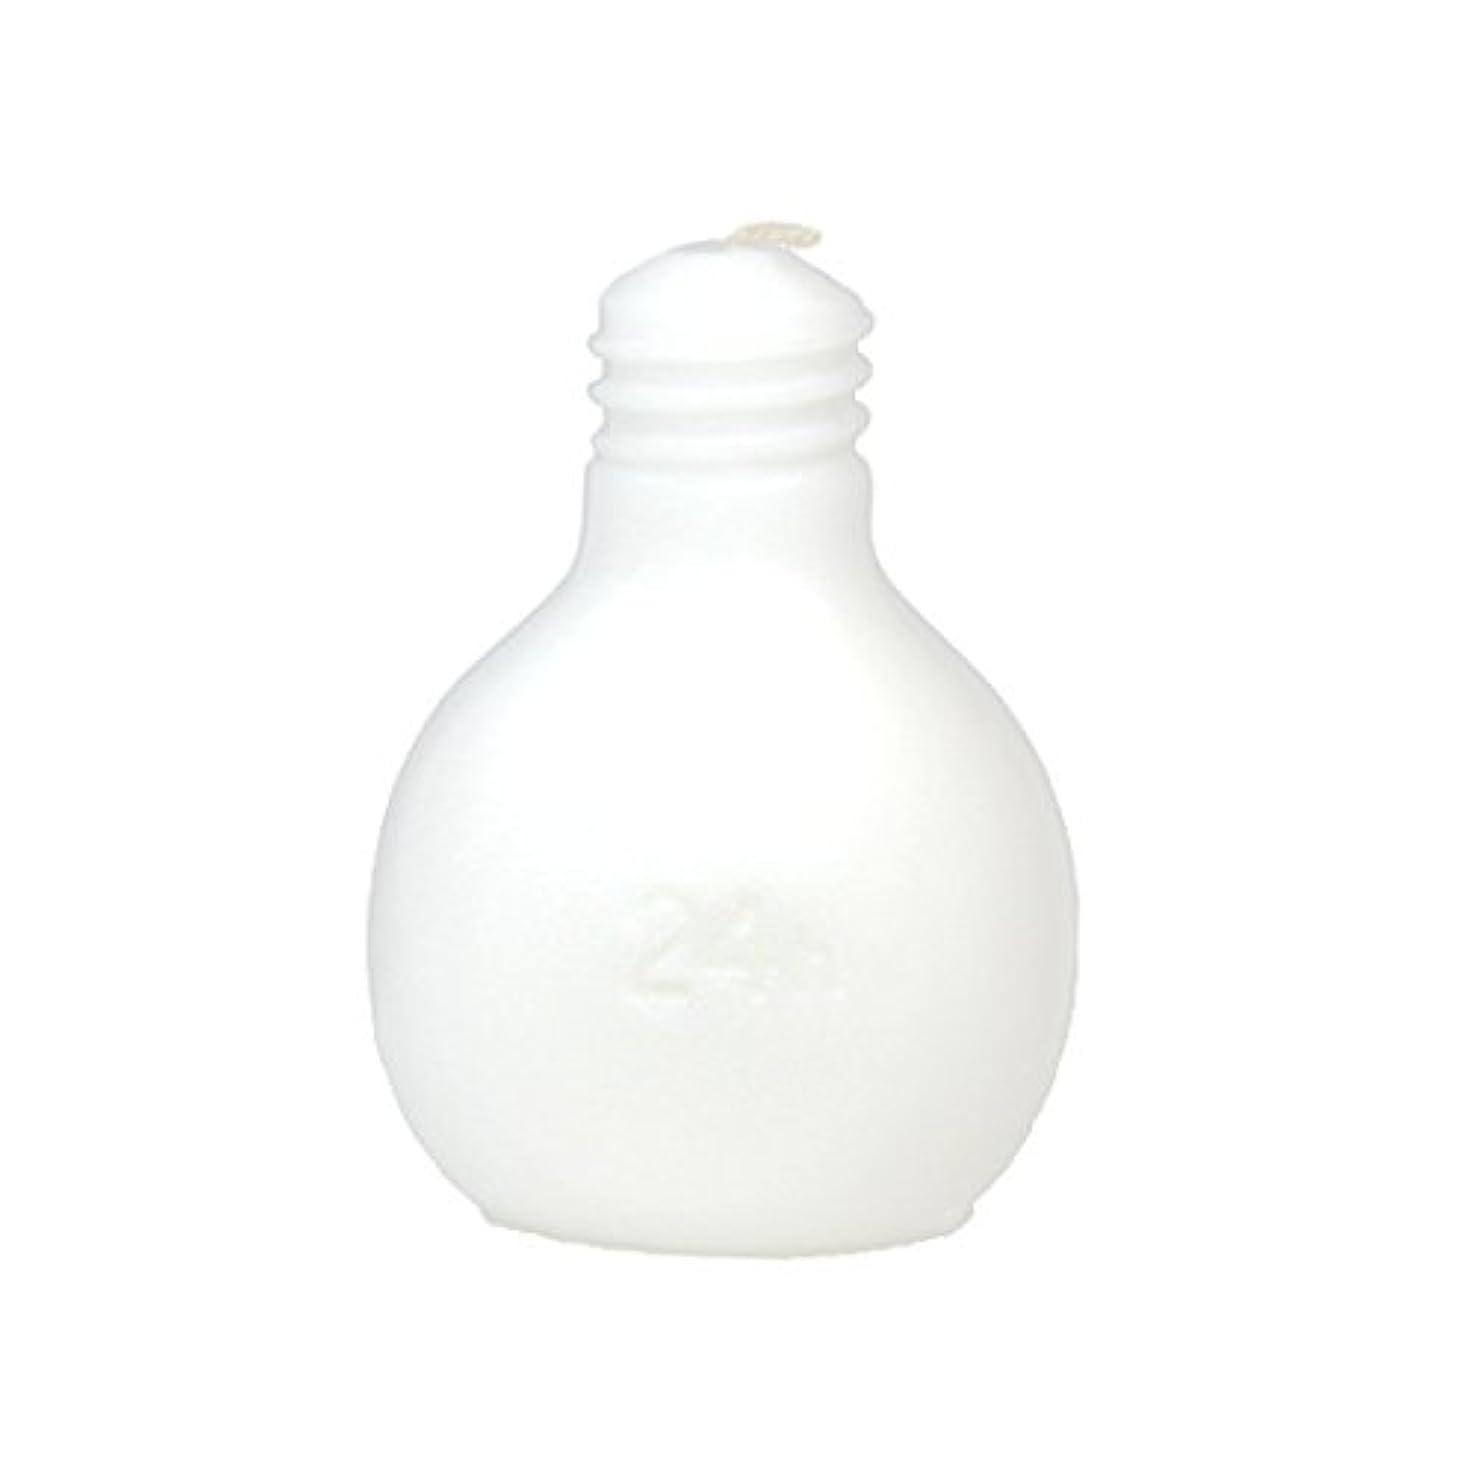 エレガント買うあたたかいカメヤマキャンドルハウス 節電球キャンドル  ホワイト